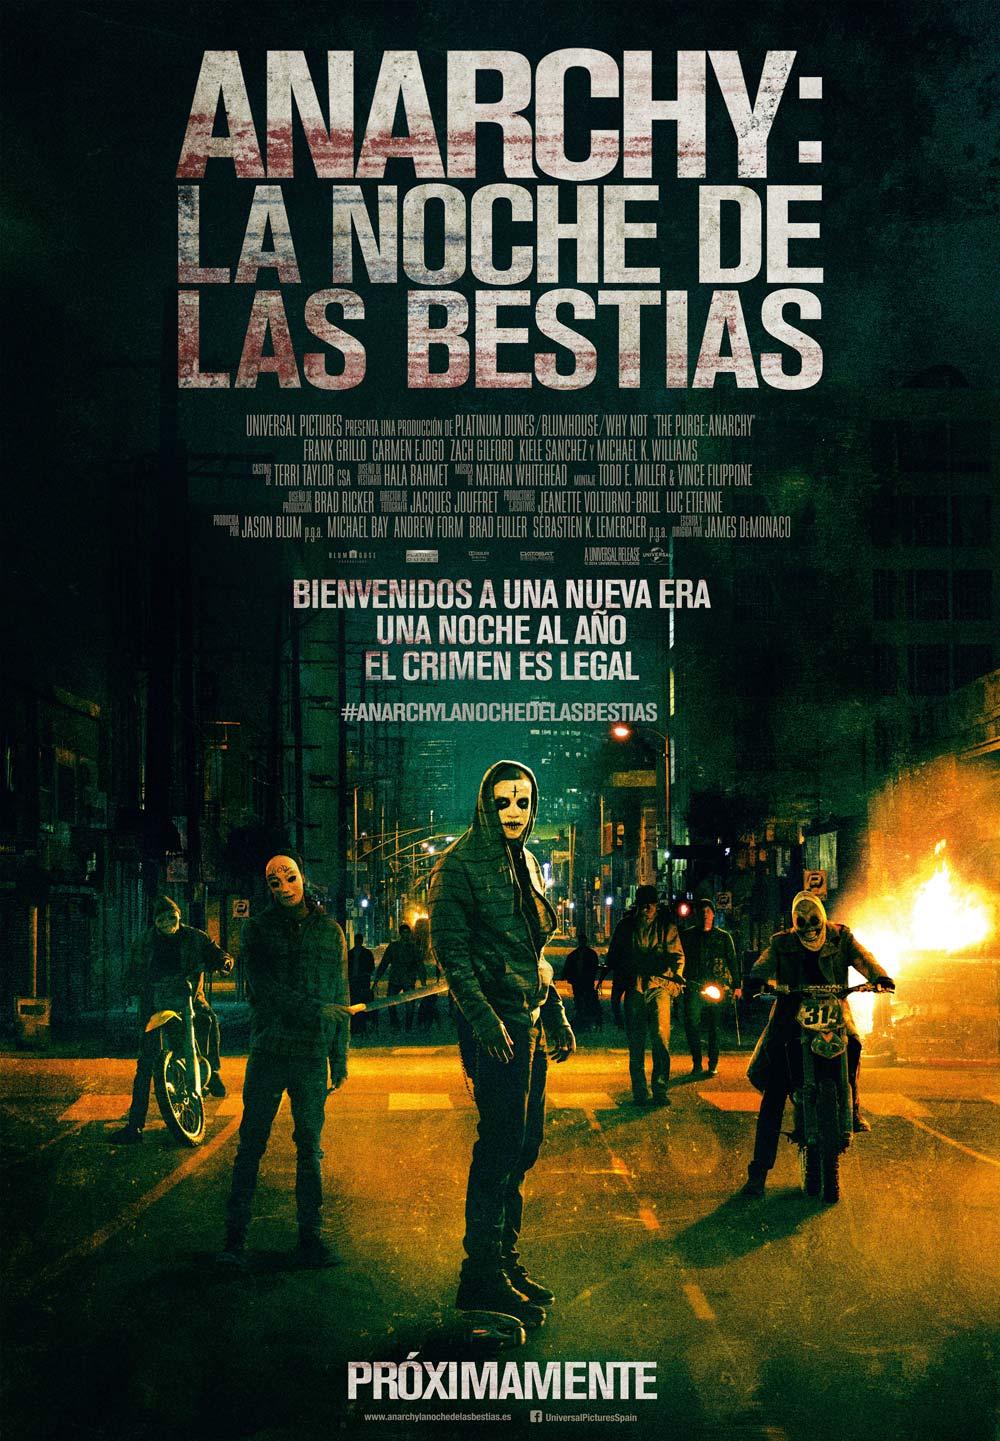 anarchy_la_noche_de_las_bestias-cartel-5607